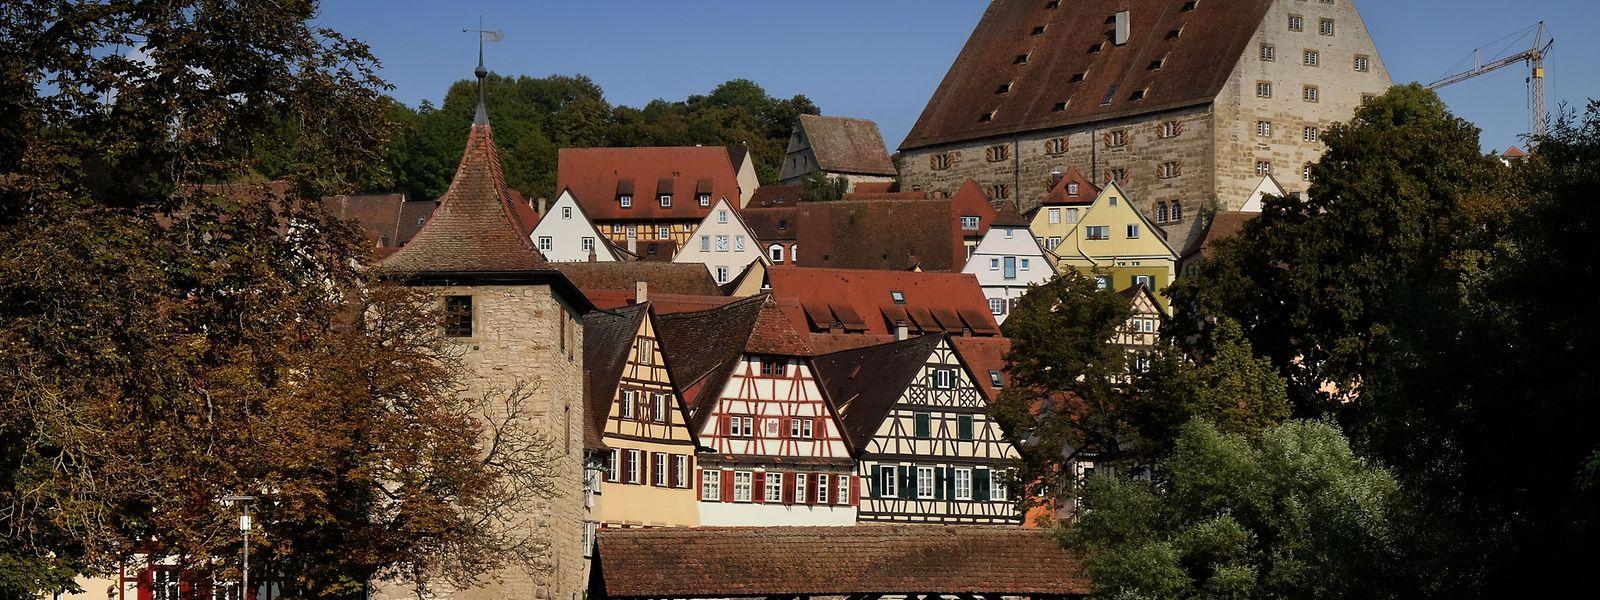 Viel Fachwerk und Geschichte an allen Ecken und Enden: Auf Besucher wirkt Schwäbisch Hall wie ein Open-Air-Museum.